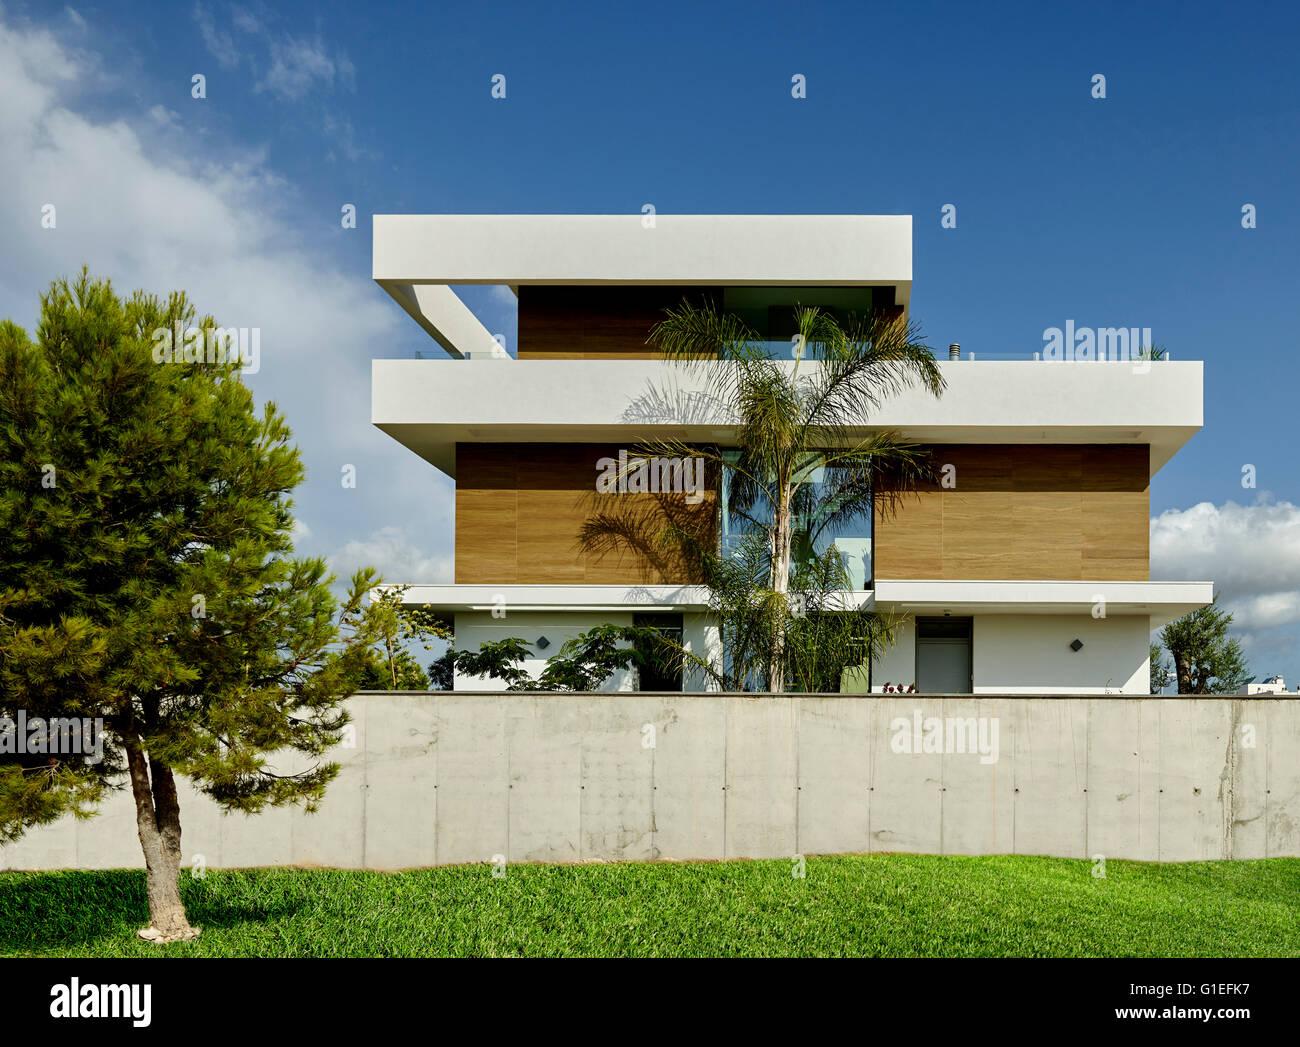 Maison Blanche, Lu0027Ametlla. Vue Extérieure De La Maison Moderne.  Partiellement Cachés Par Mur.